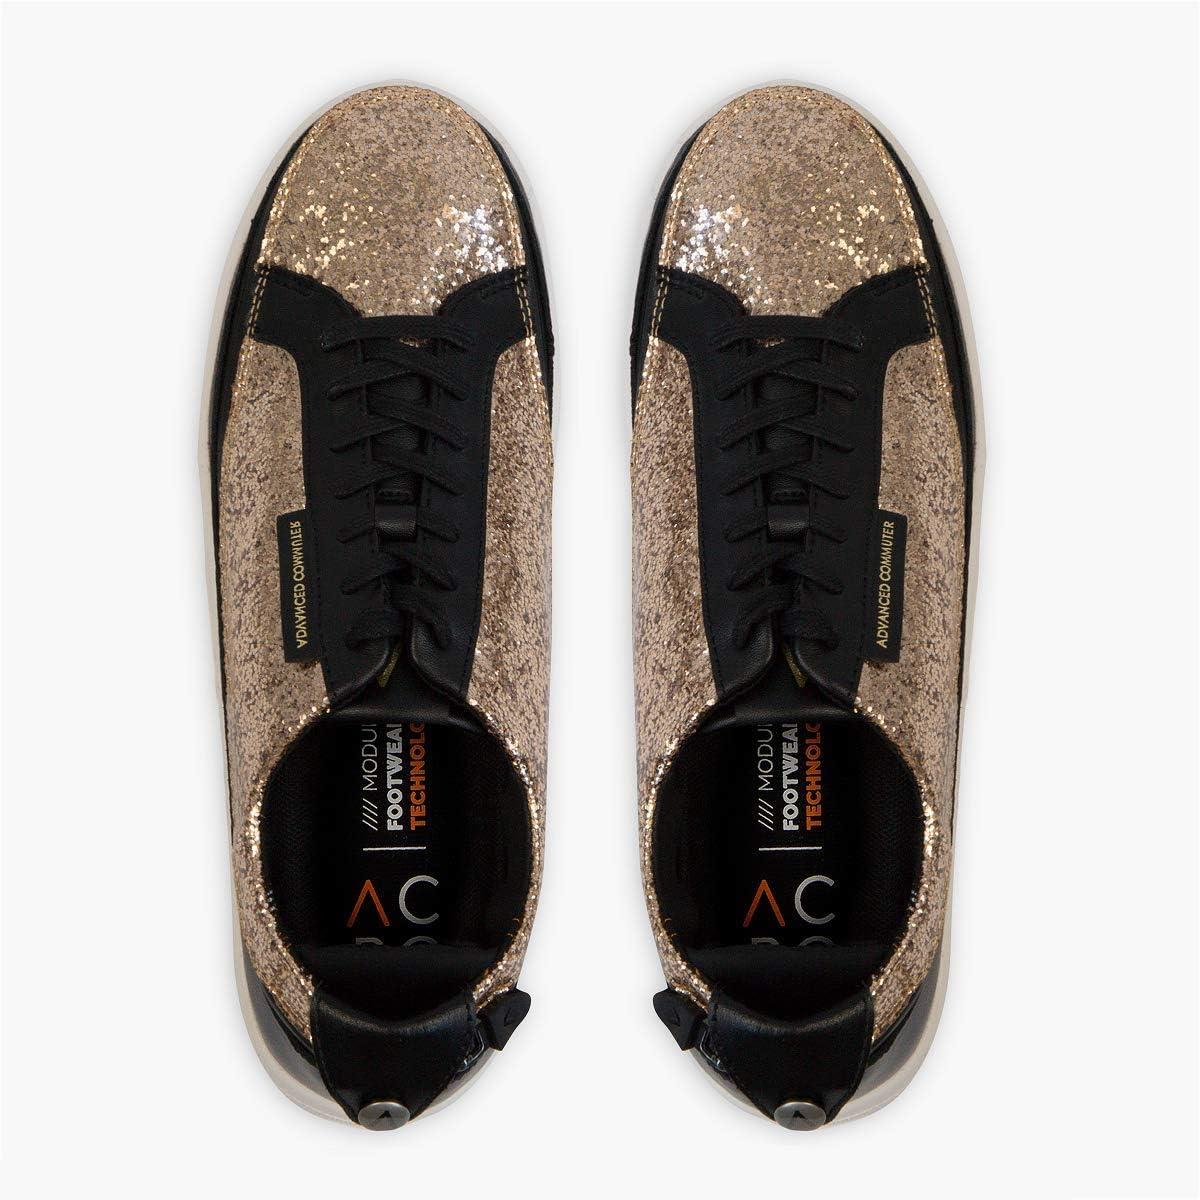 ACBC sneakers, bovenmateriaal compatibel met zool, personaliseerbare en originele schoenen voor reizen, sportschool en vrije tijd Gold Glitter wDvfAIKu